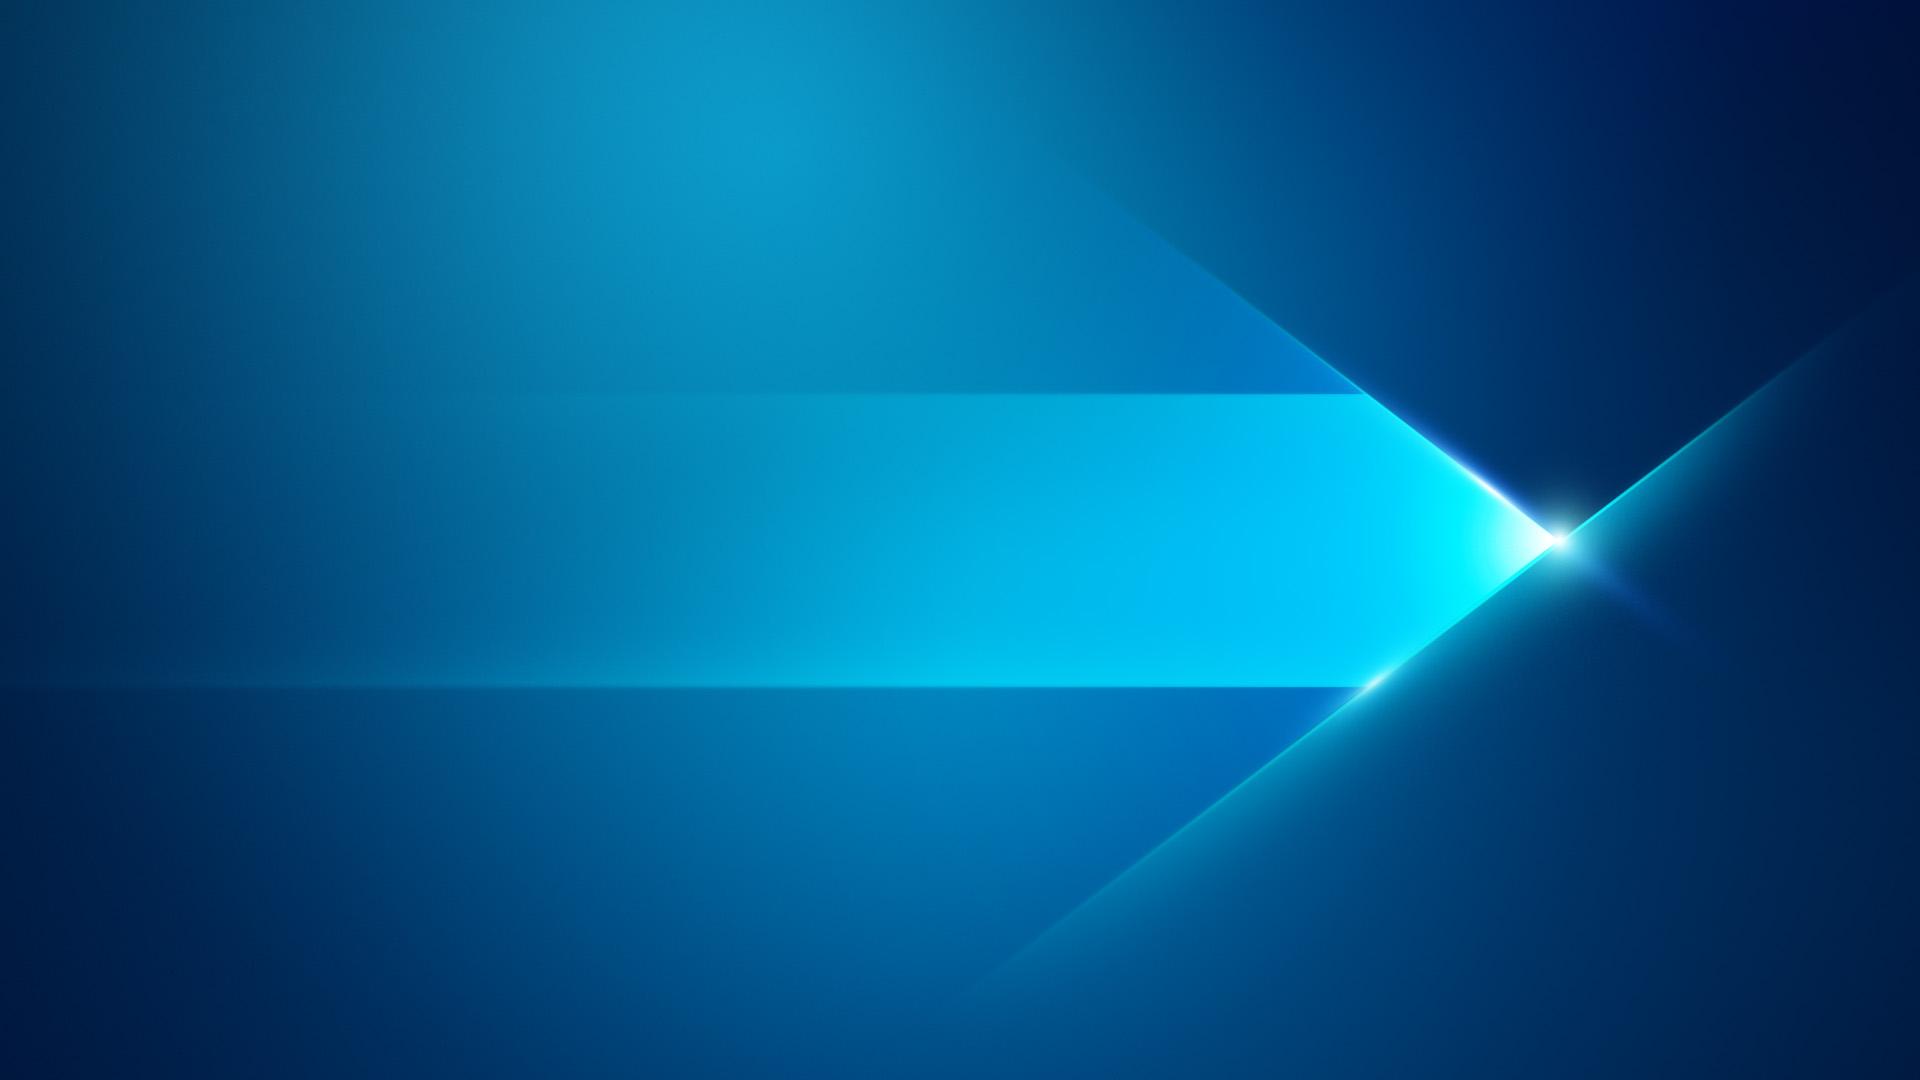 SA_Design_F22.jpg